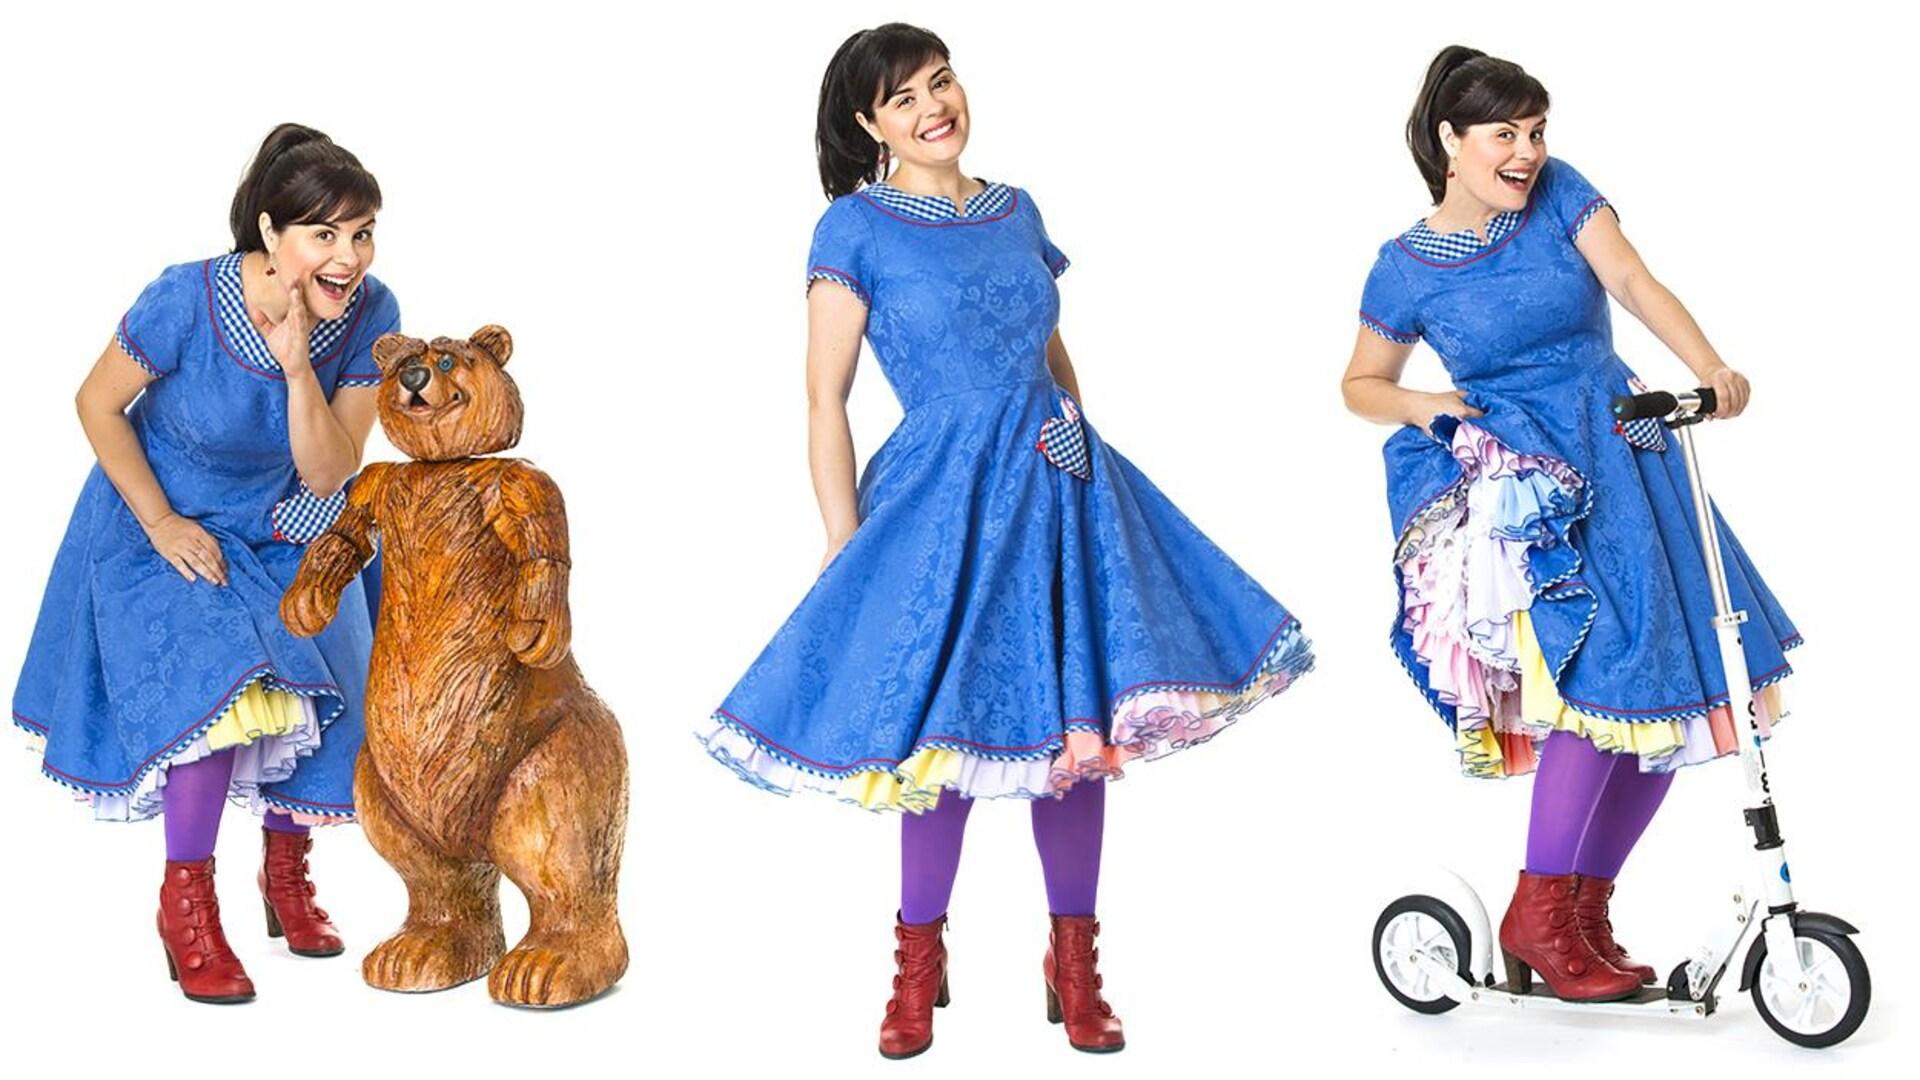 On la voit trois fois : elle murmure à l'oreille de l'ours, elle sourit et elle fait de la trotinette